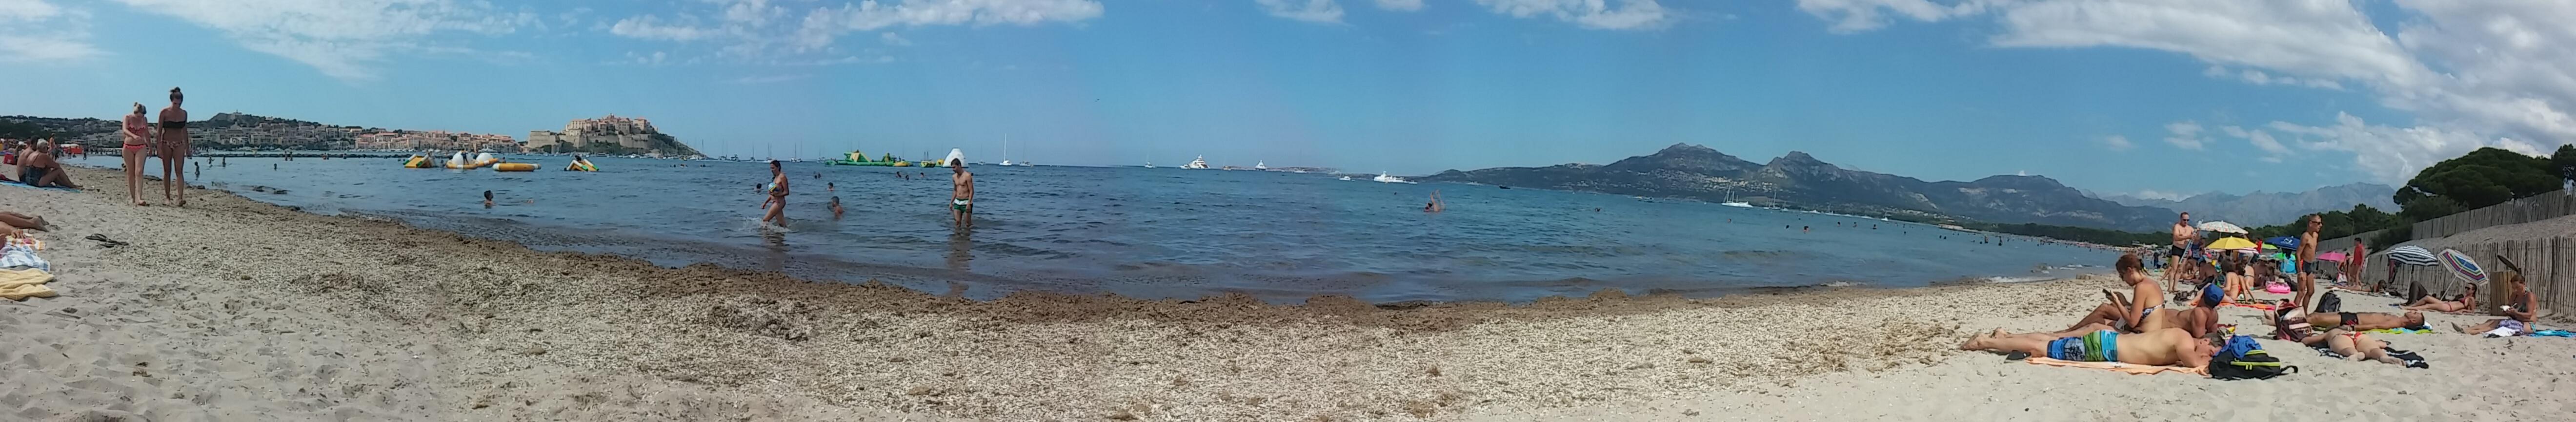 playa-de-calvi-panoramica